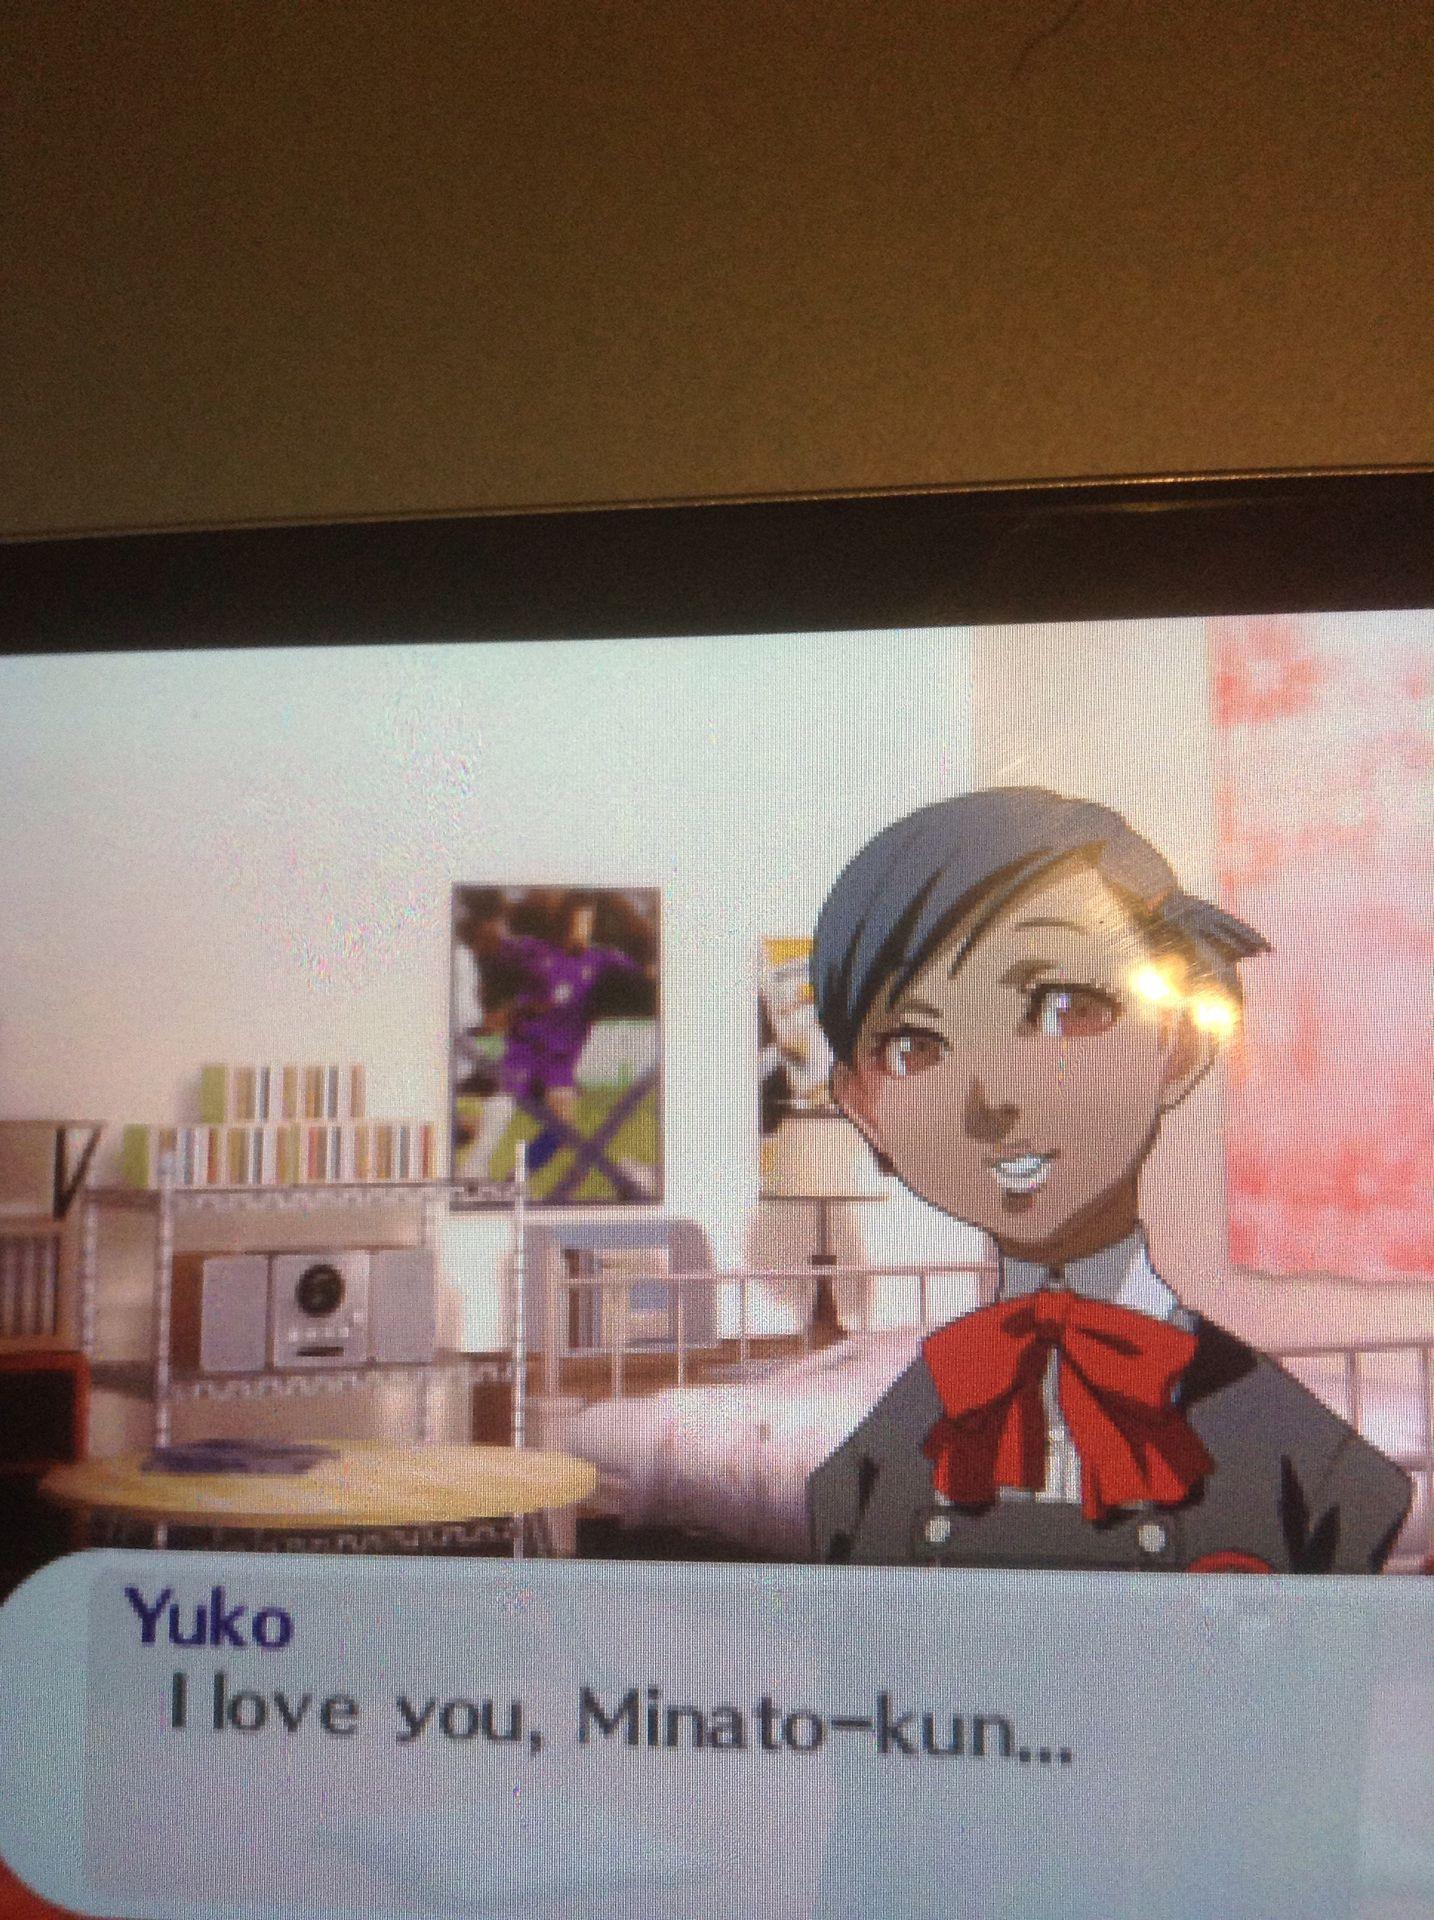 P3P dating Yuko